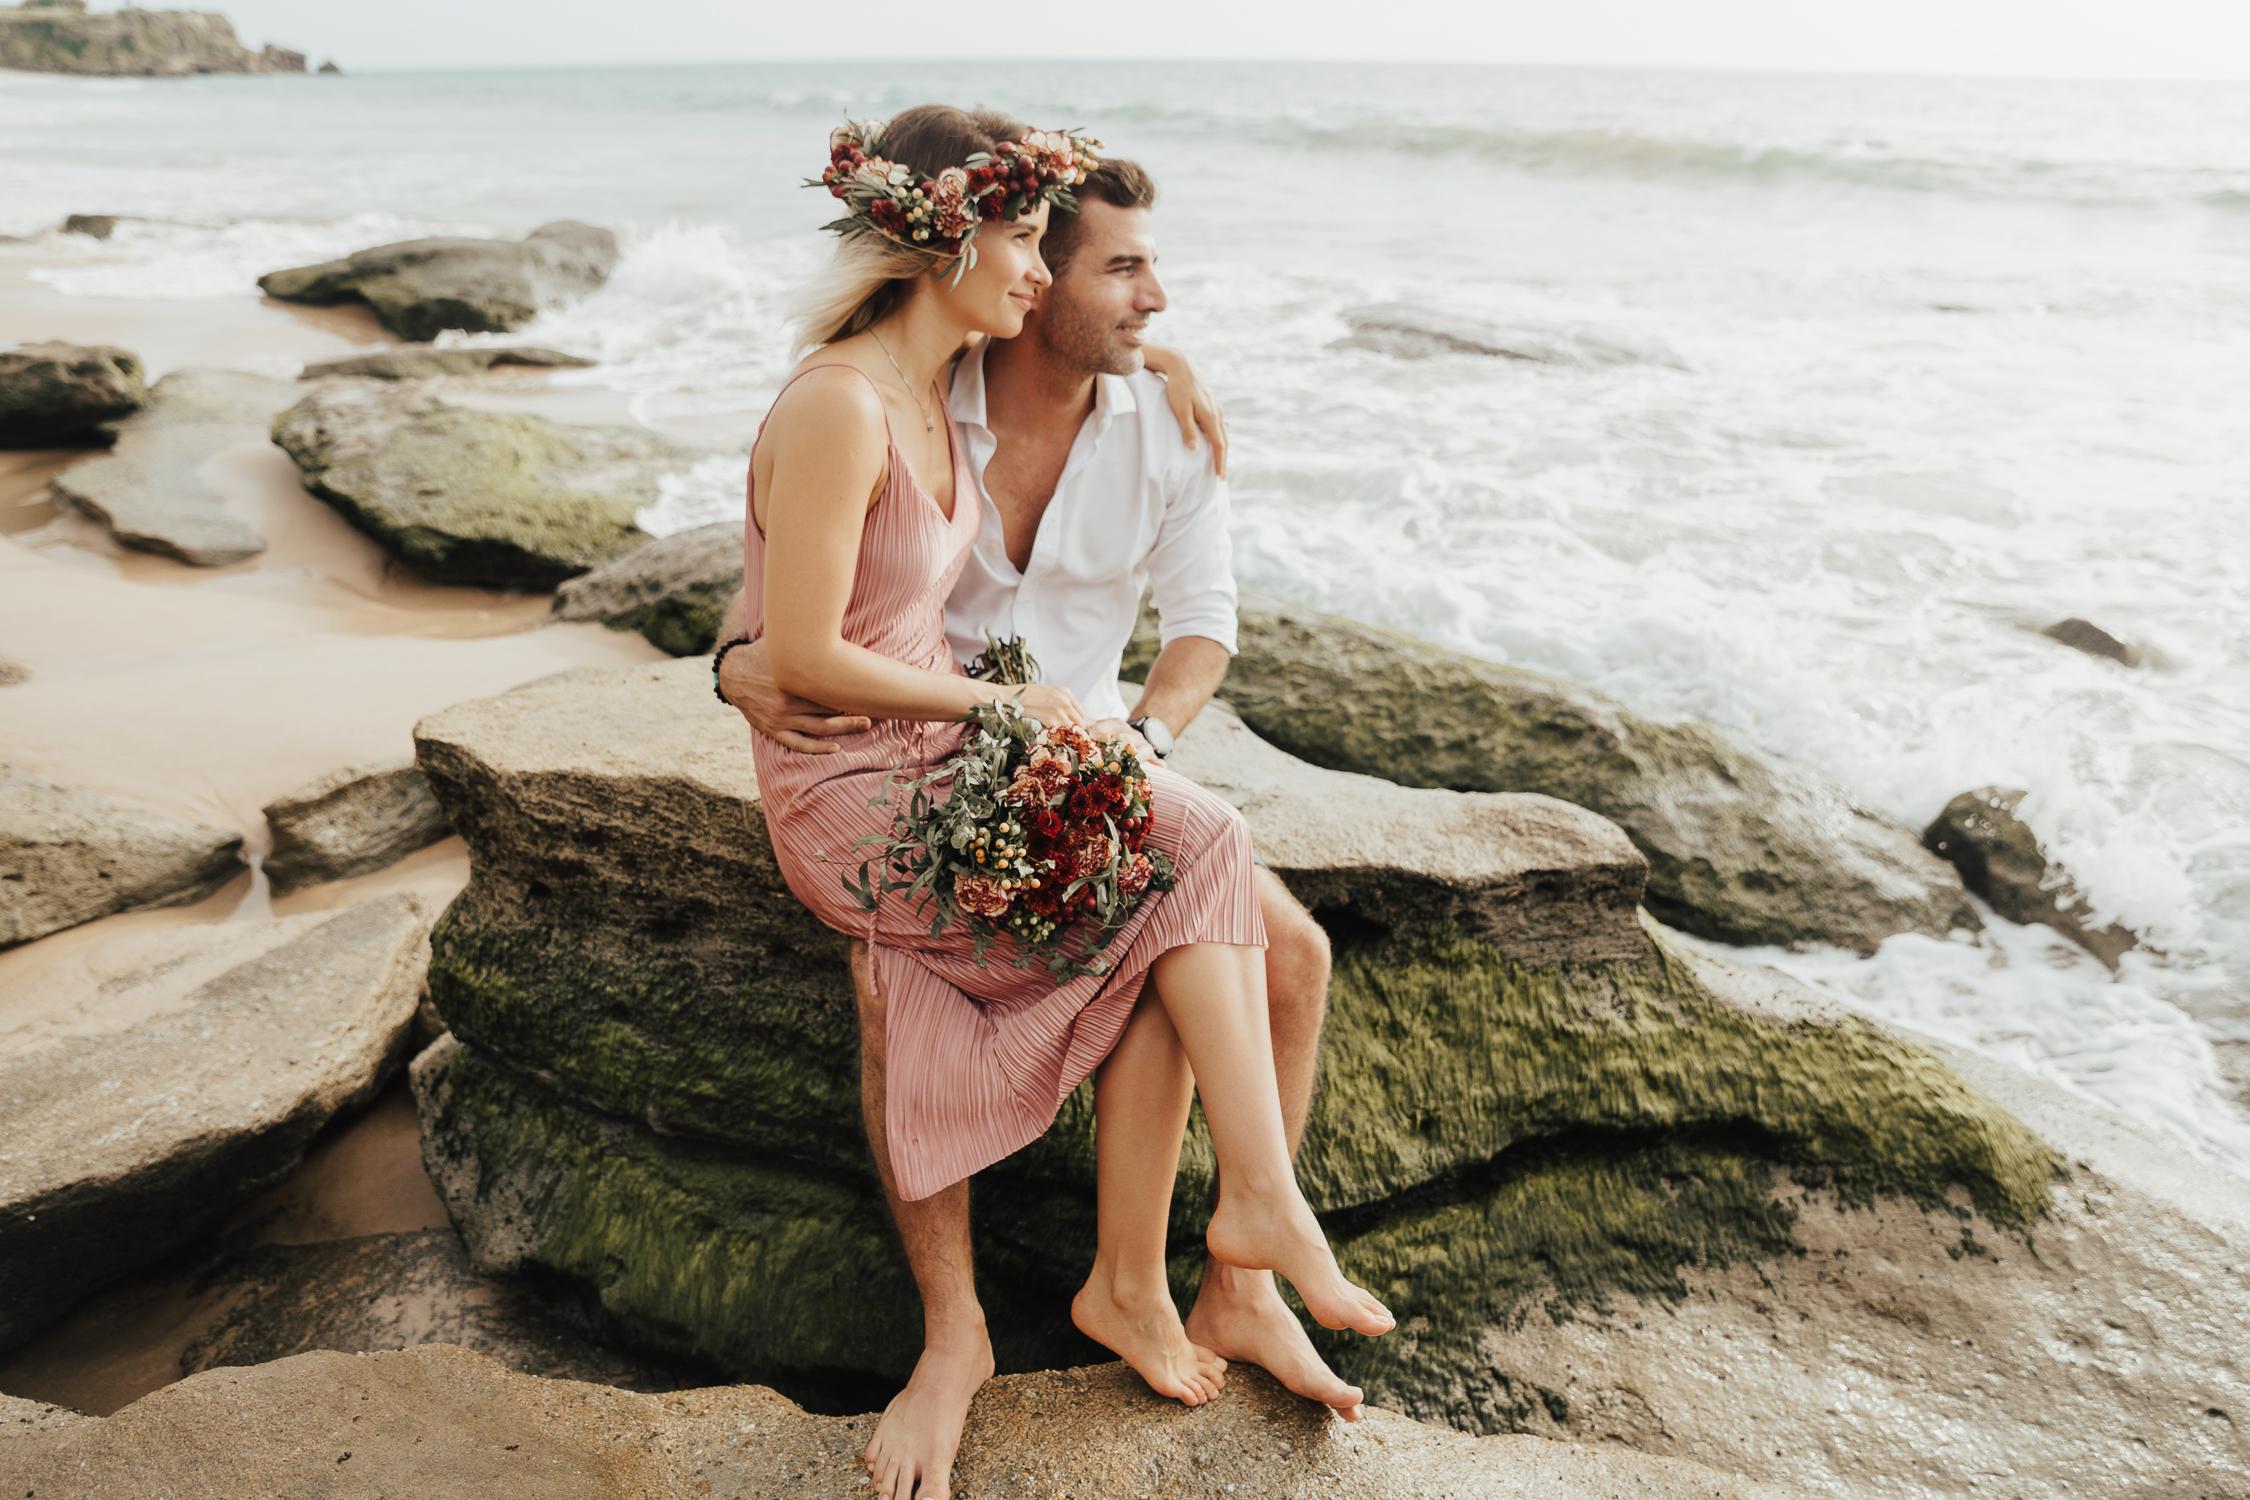 Michelle-Agurto-Fotografia-Bodas-Ecuador-Destination-Wedding-Photographer-Sesion-Esther-Jose-Luis-34.JPG